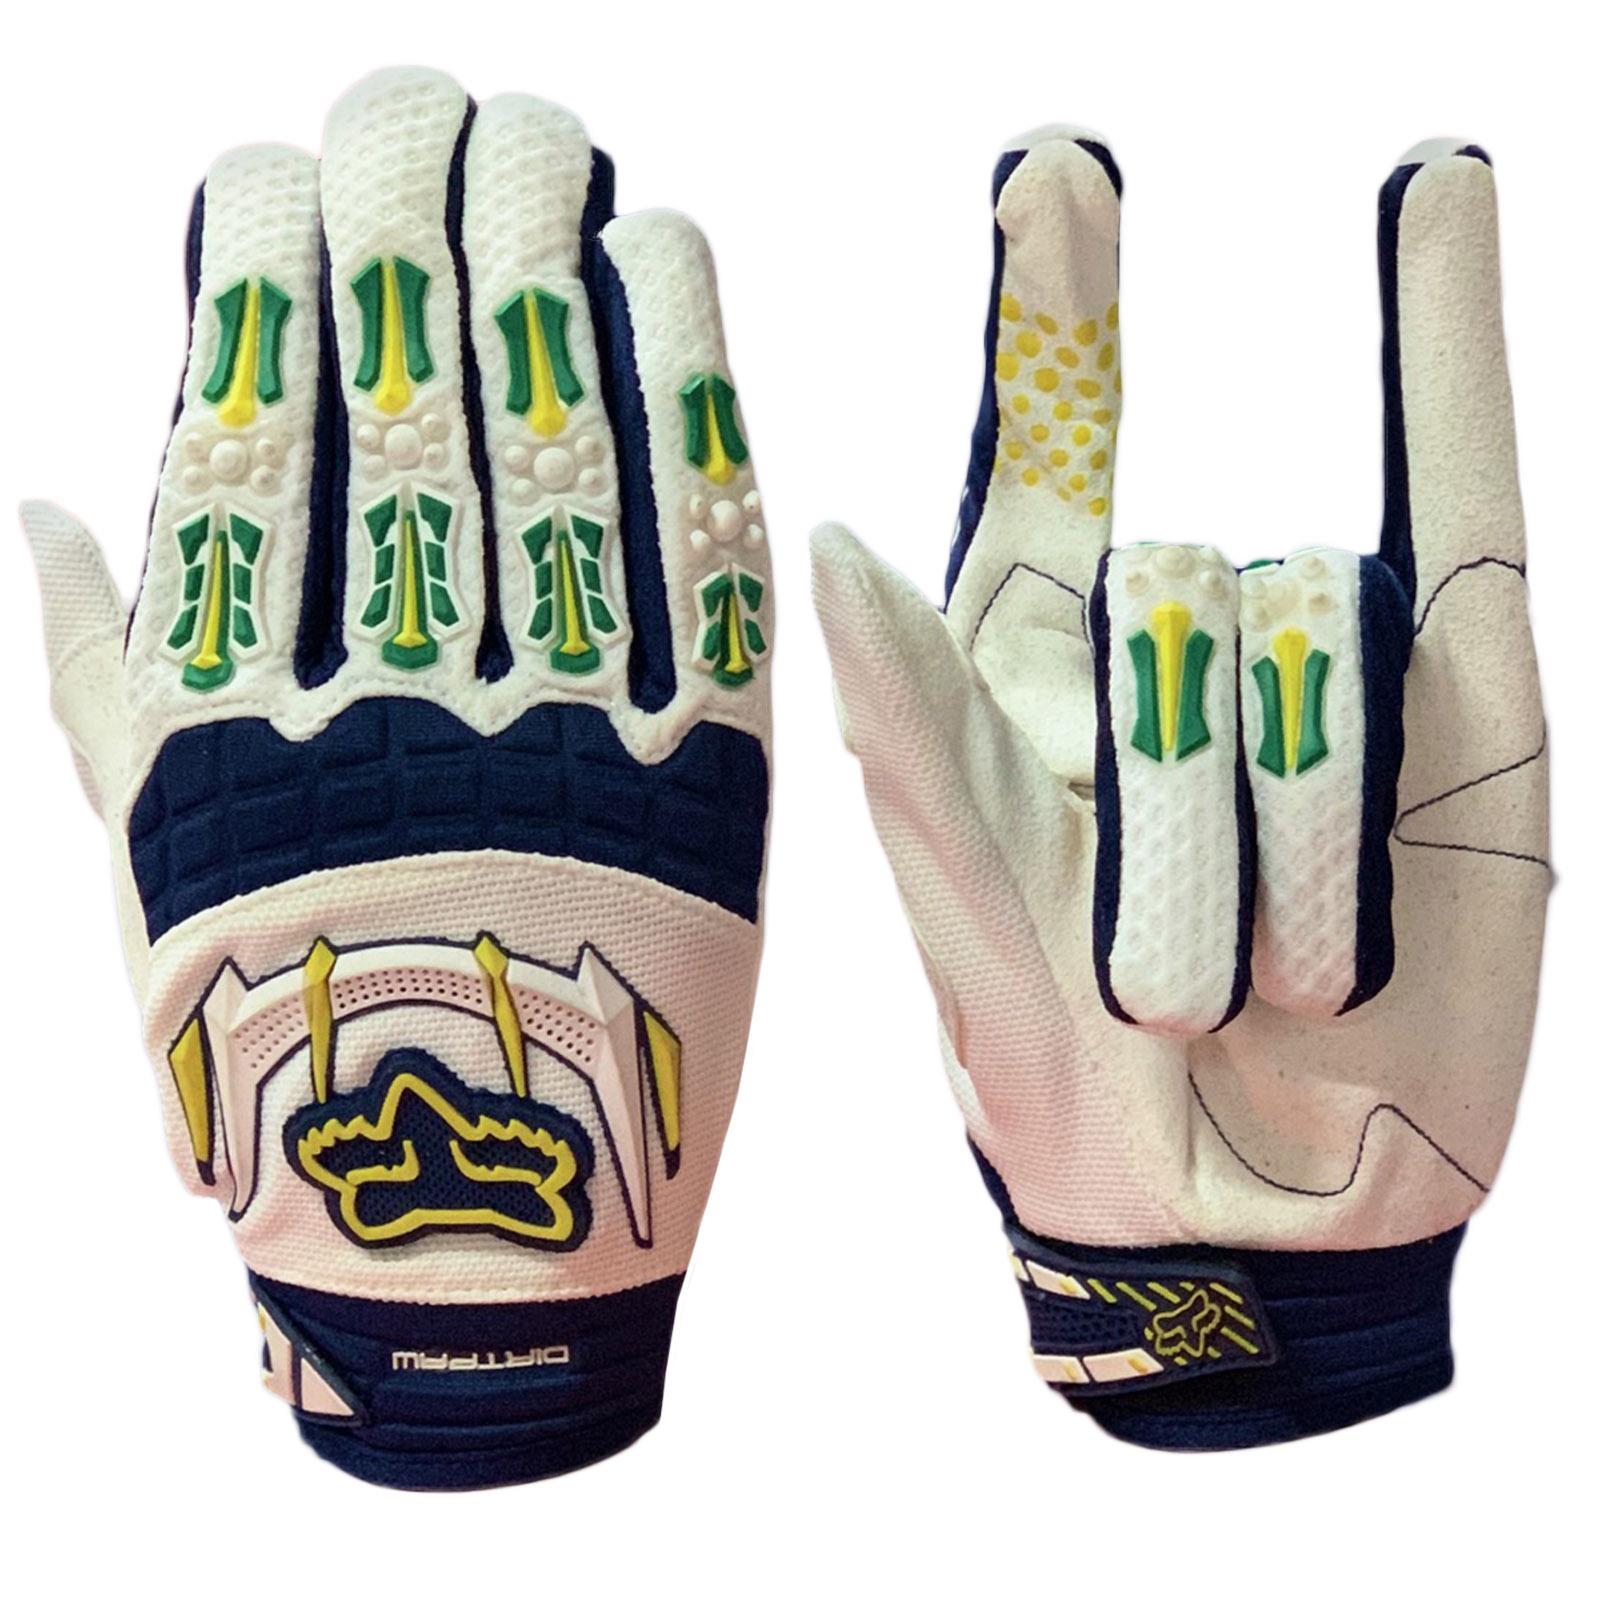 Белые эксклюзивные перчатки от Dirtpaw с контрастным принтом